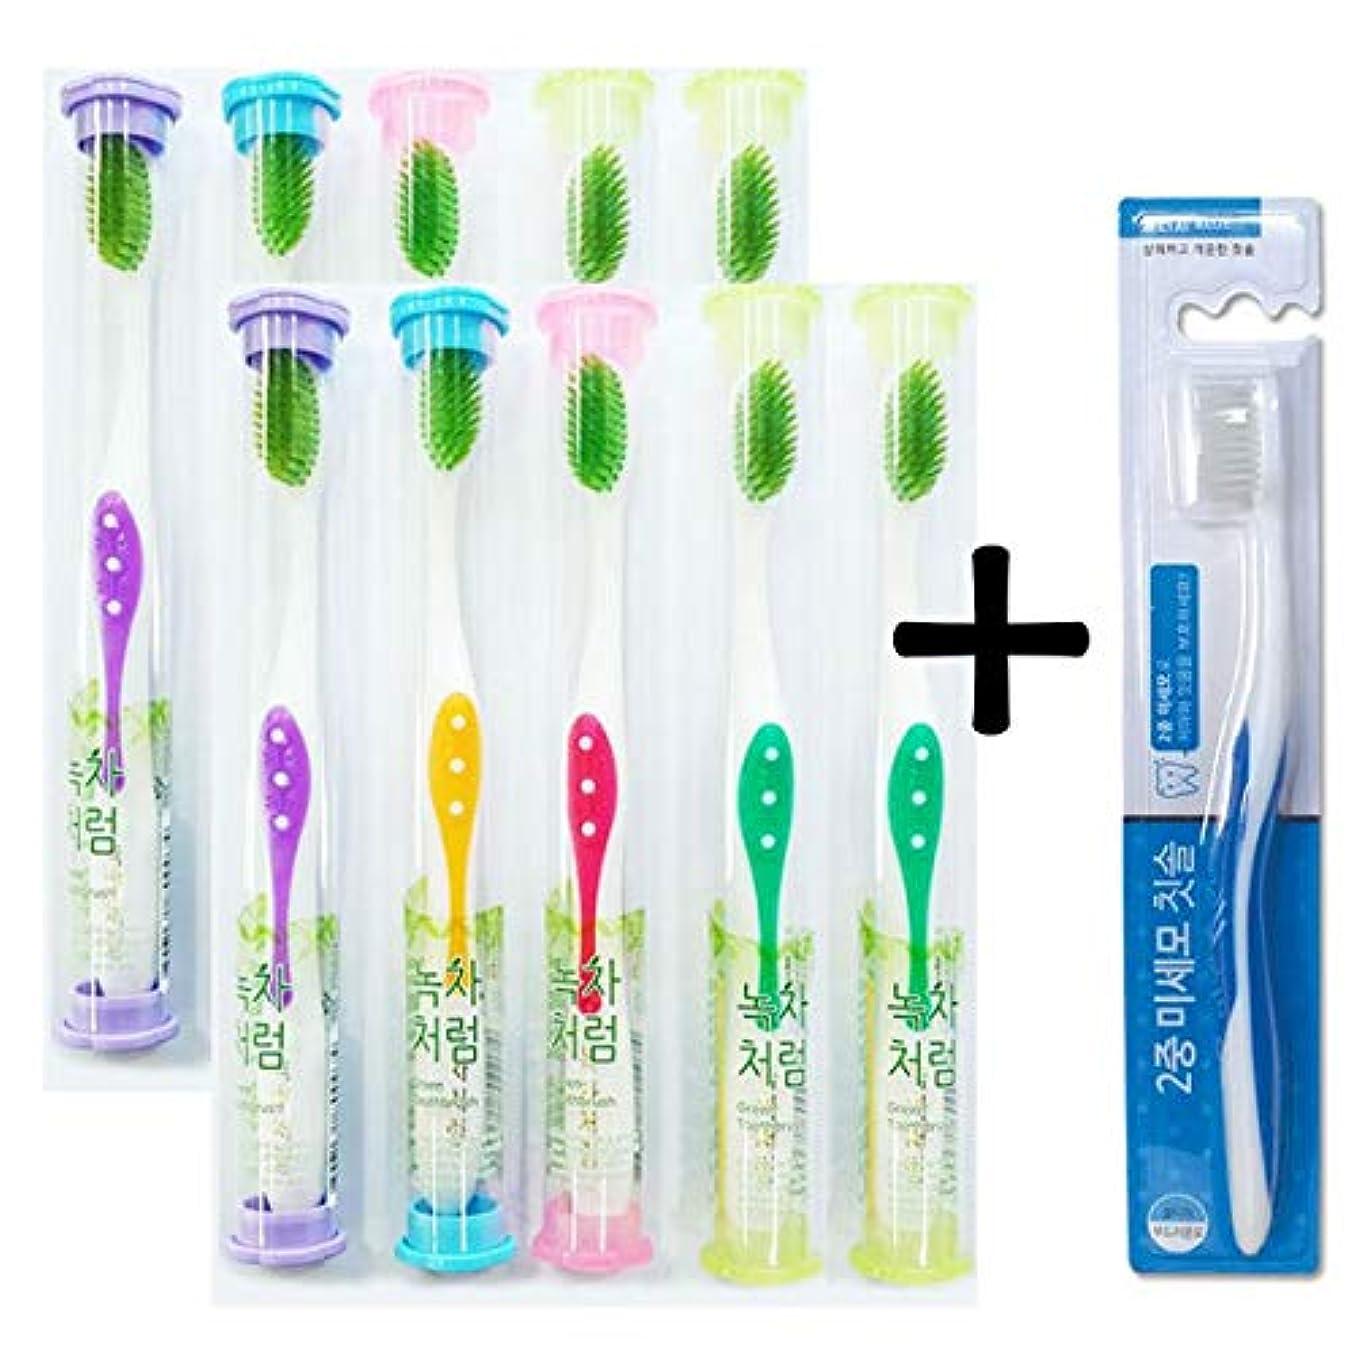 抽出無知すでにKorea Green Toothbrush 10+1 Special Set Lovely individual case Random color 緑茶の歯ブラシ10本,ランデン発送+クルターチ2重微細胞歯ブラシ1本